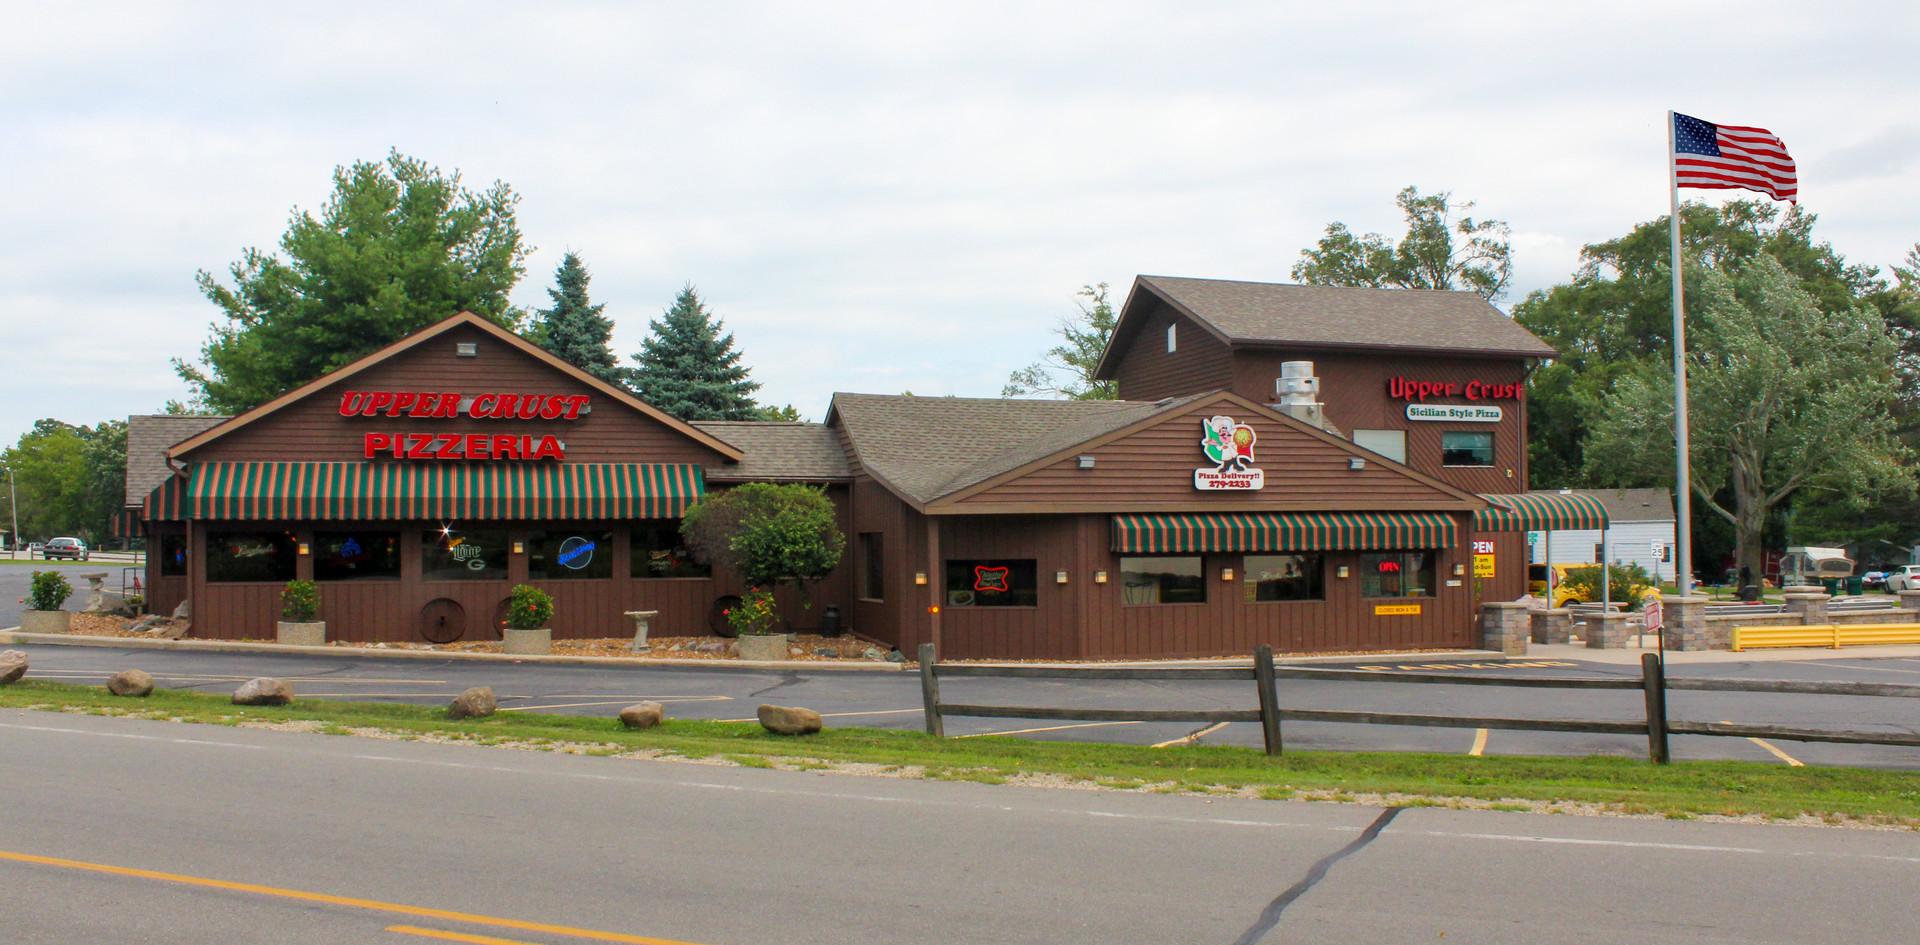 Upper Crust Pizzeria & Pub